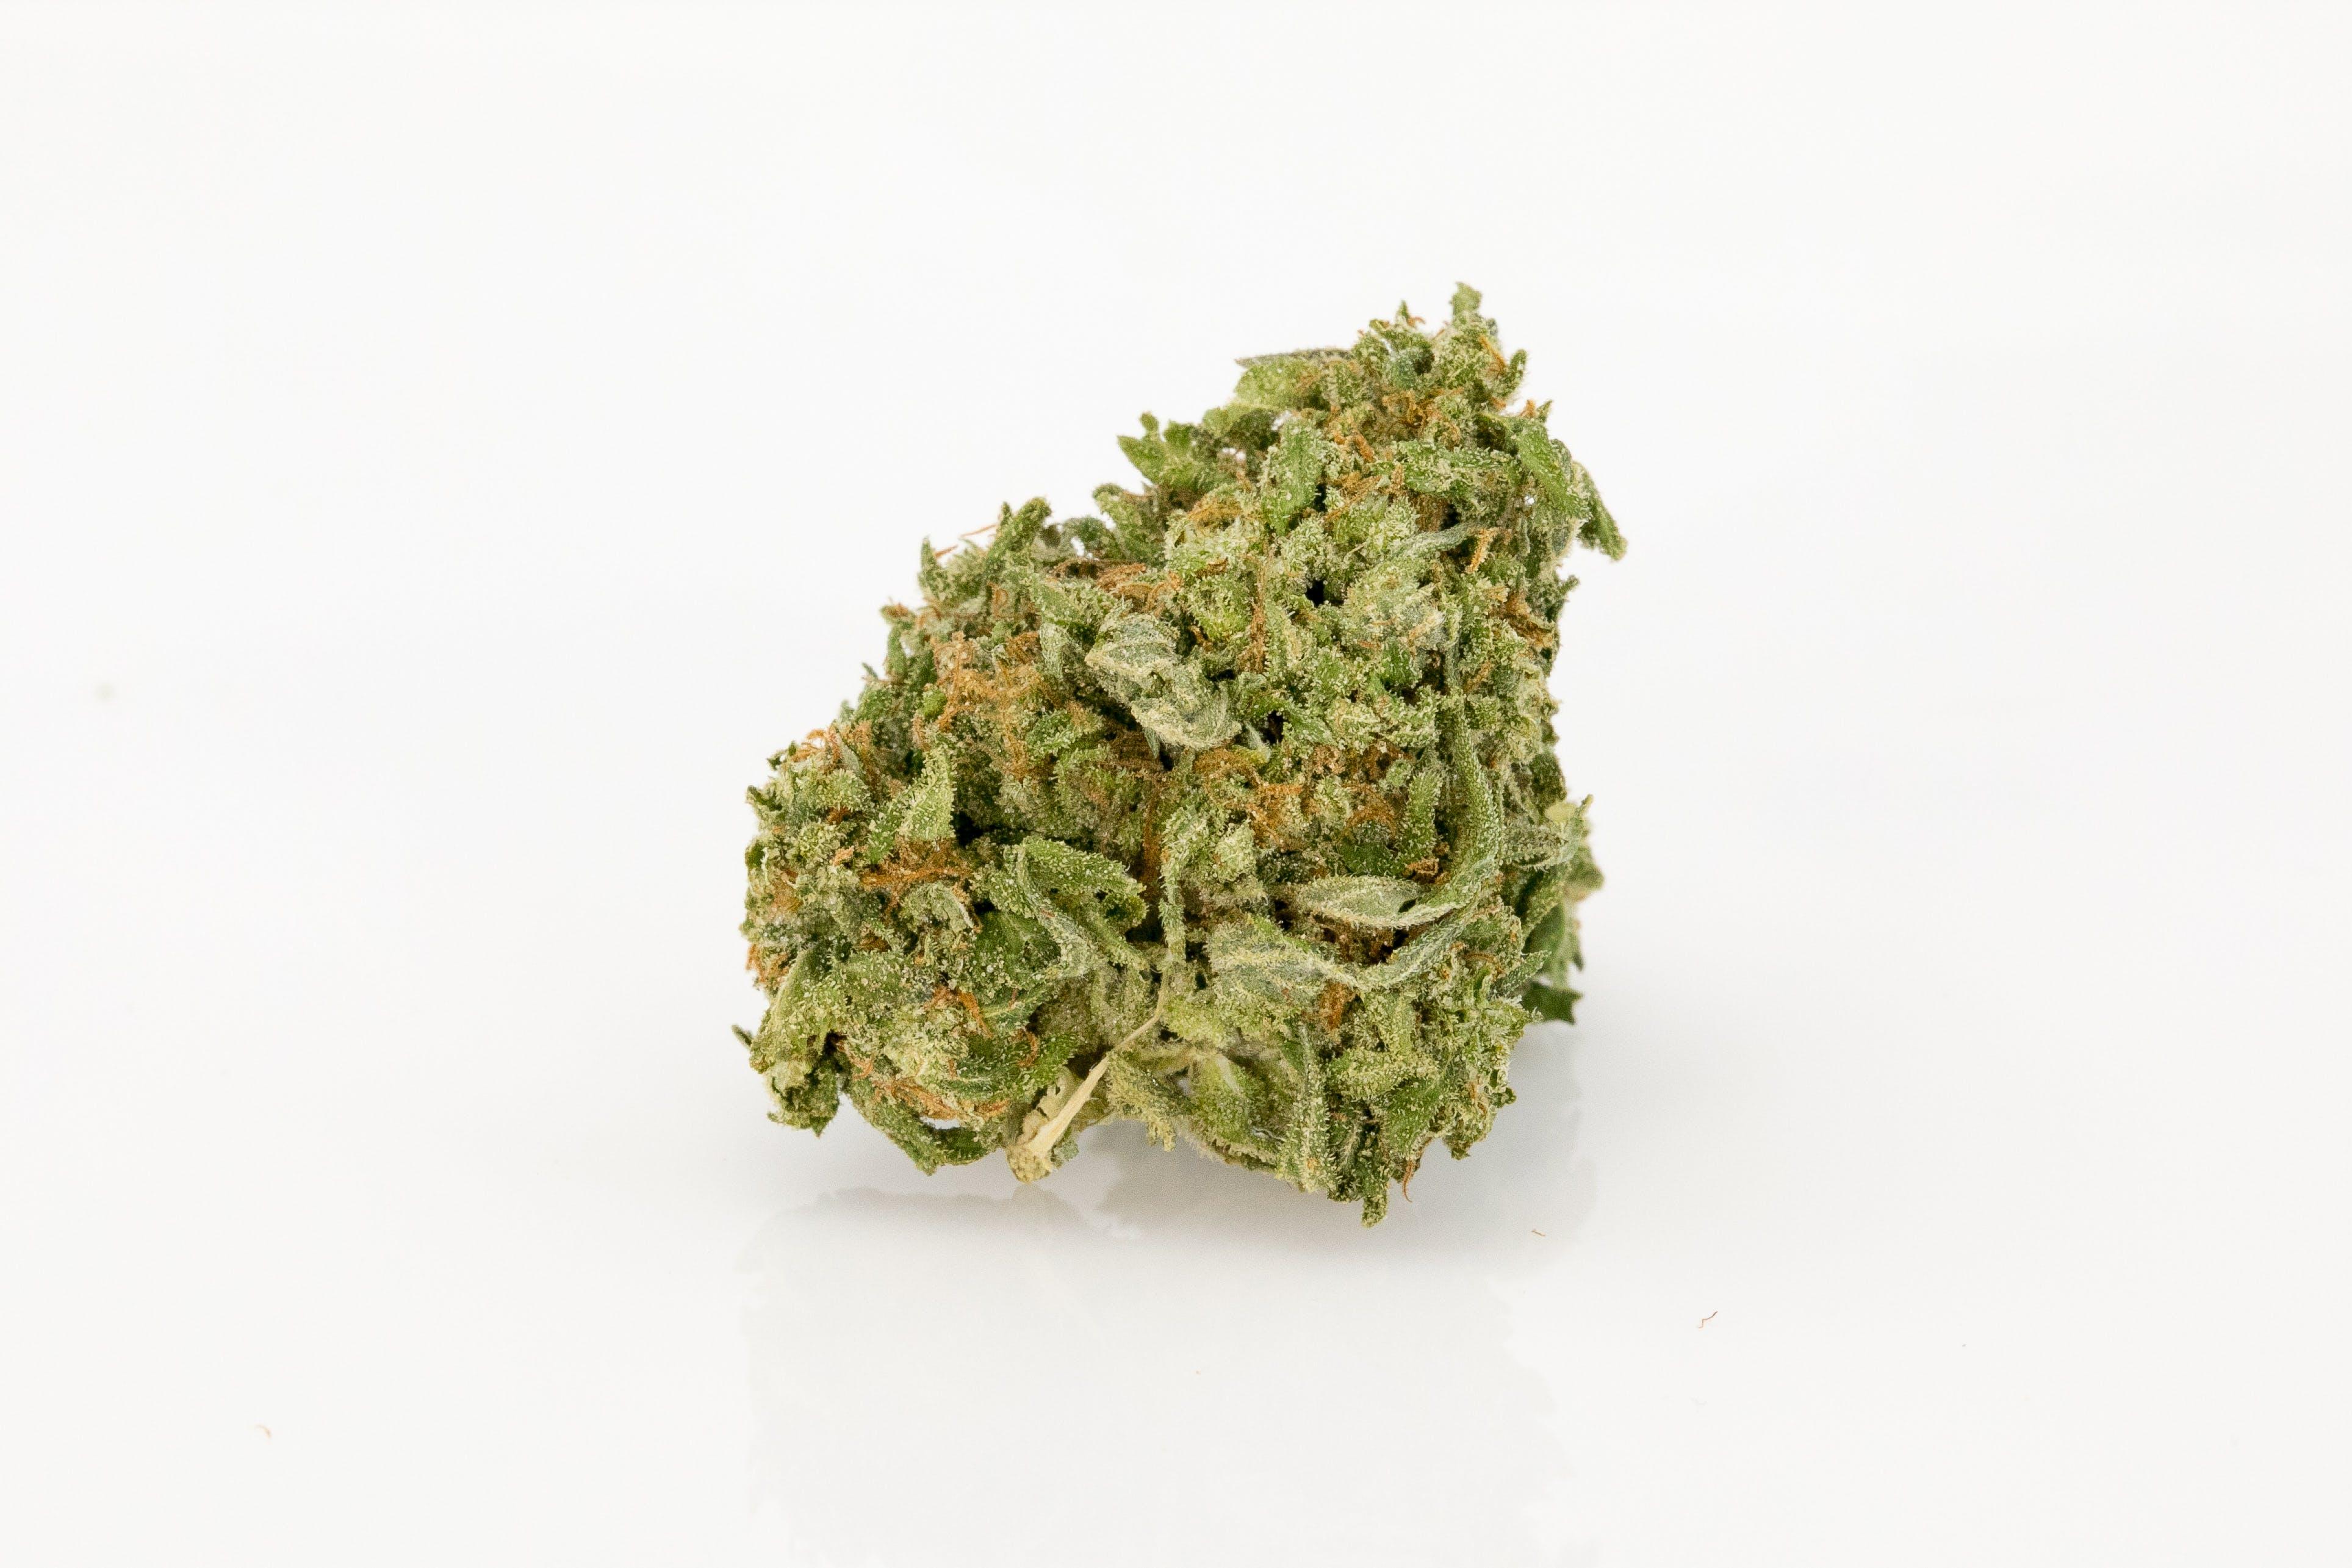 Mother of Berries Weed; Mother of Berries Cannabis Strain; Mother of Berries Indica Marijuana Strain